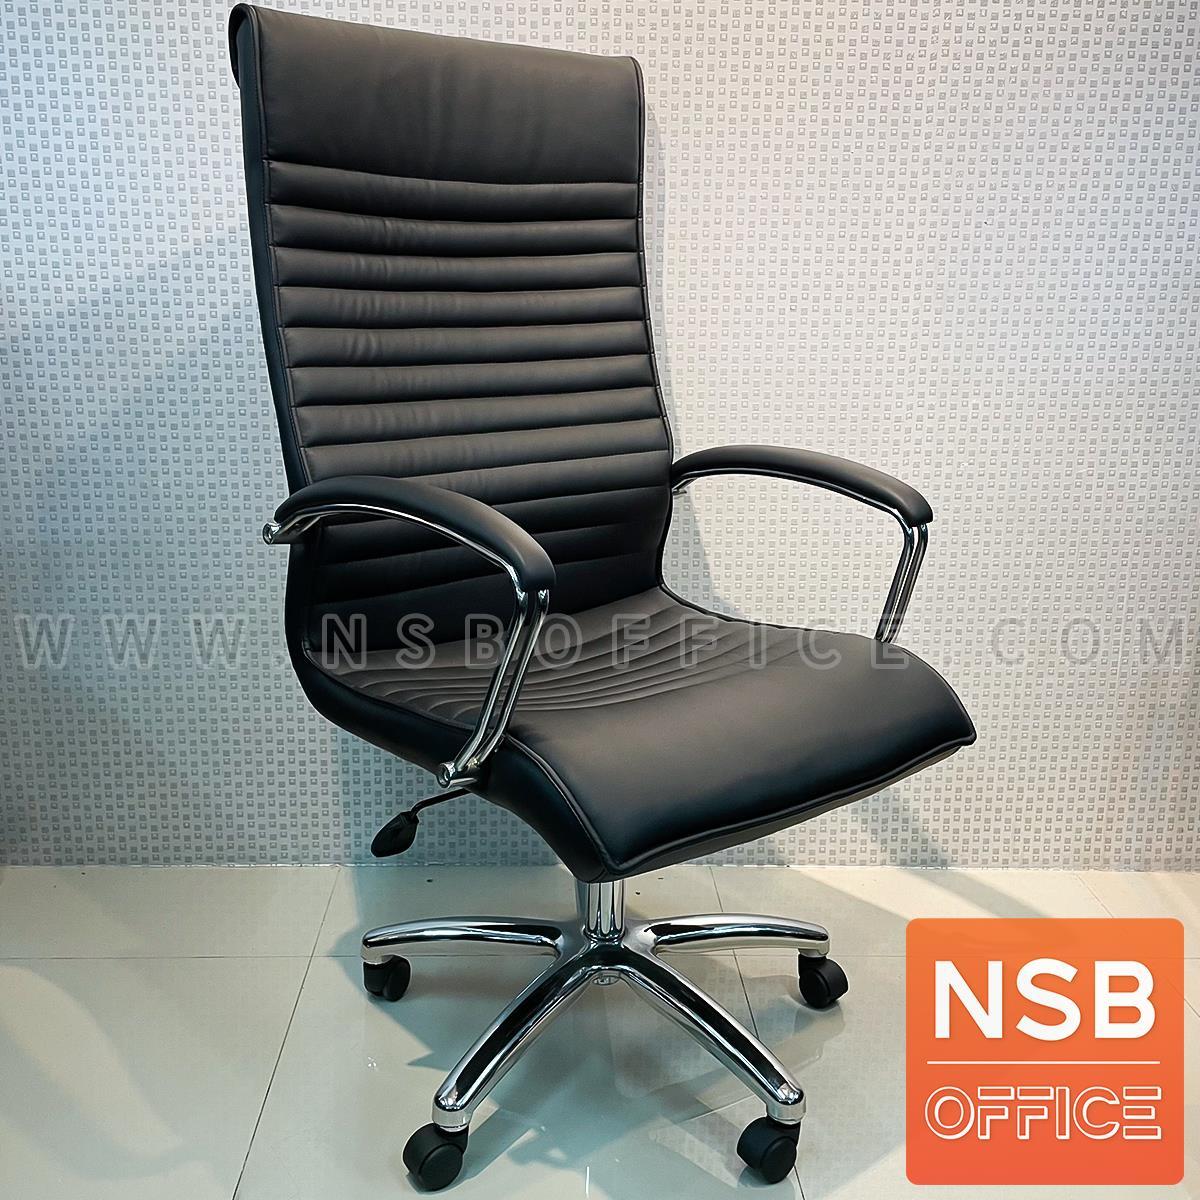 B01A540:เก้าอี้ผู้บริหาร รุ่น Starcarft 2  โช๊คแก๊ส ก้อนโยก ขาเหล็กชุบโครเมี่ยม